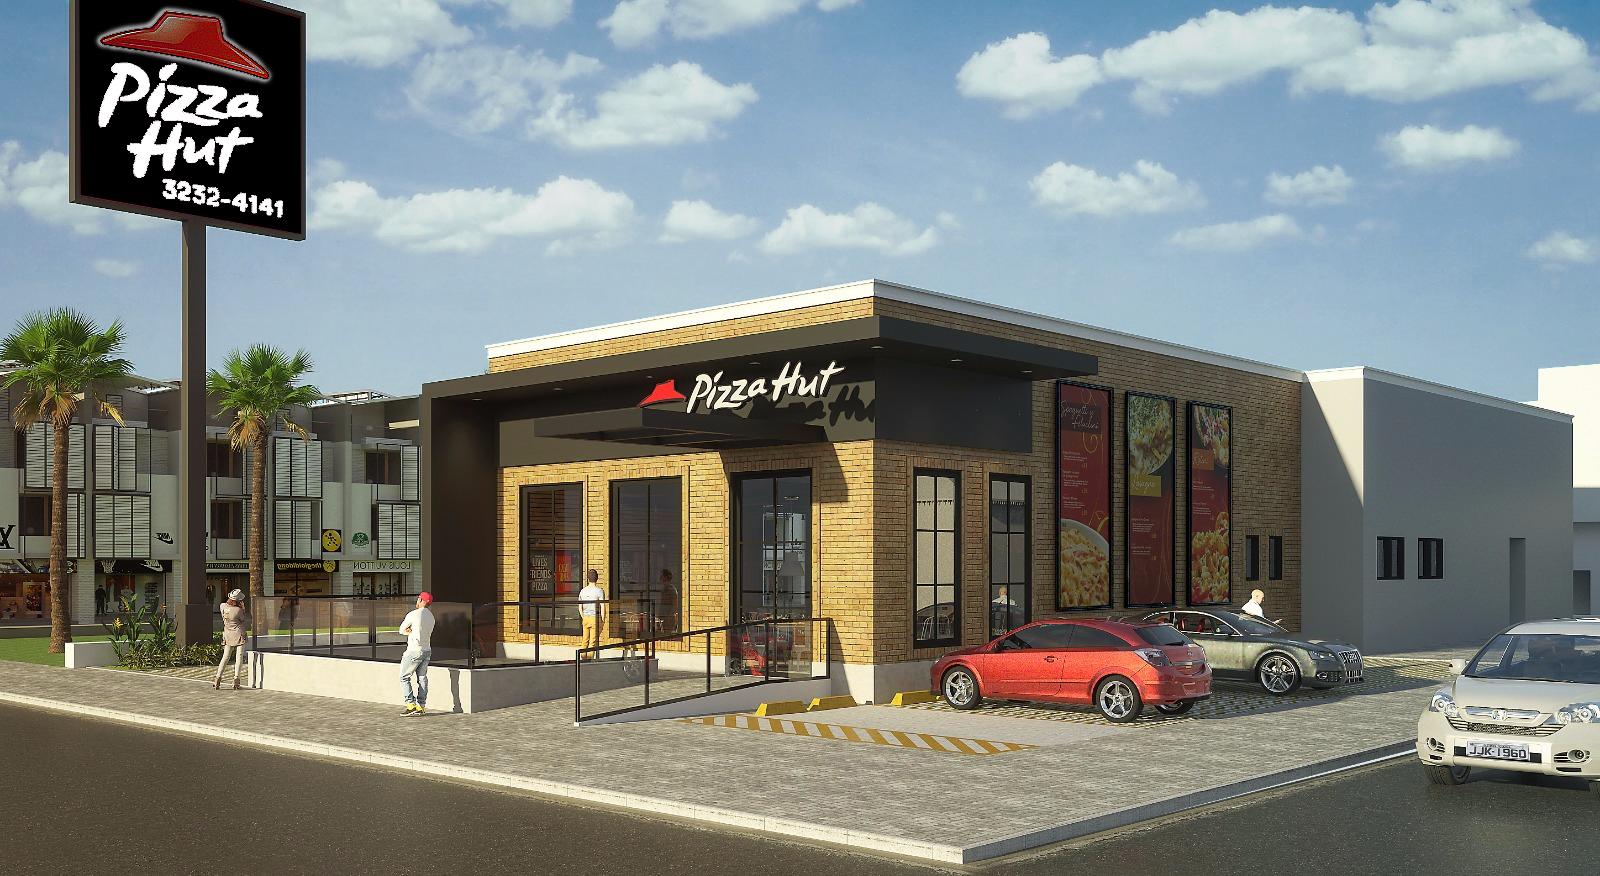 Perspectiva 3D da fachada da nova loja do Pizza Hut, que será inaugurada ainda em novembro em Natal